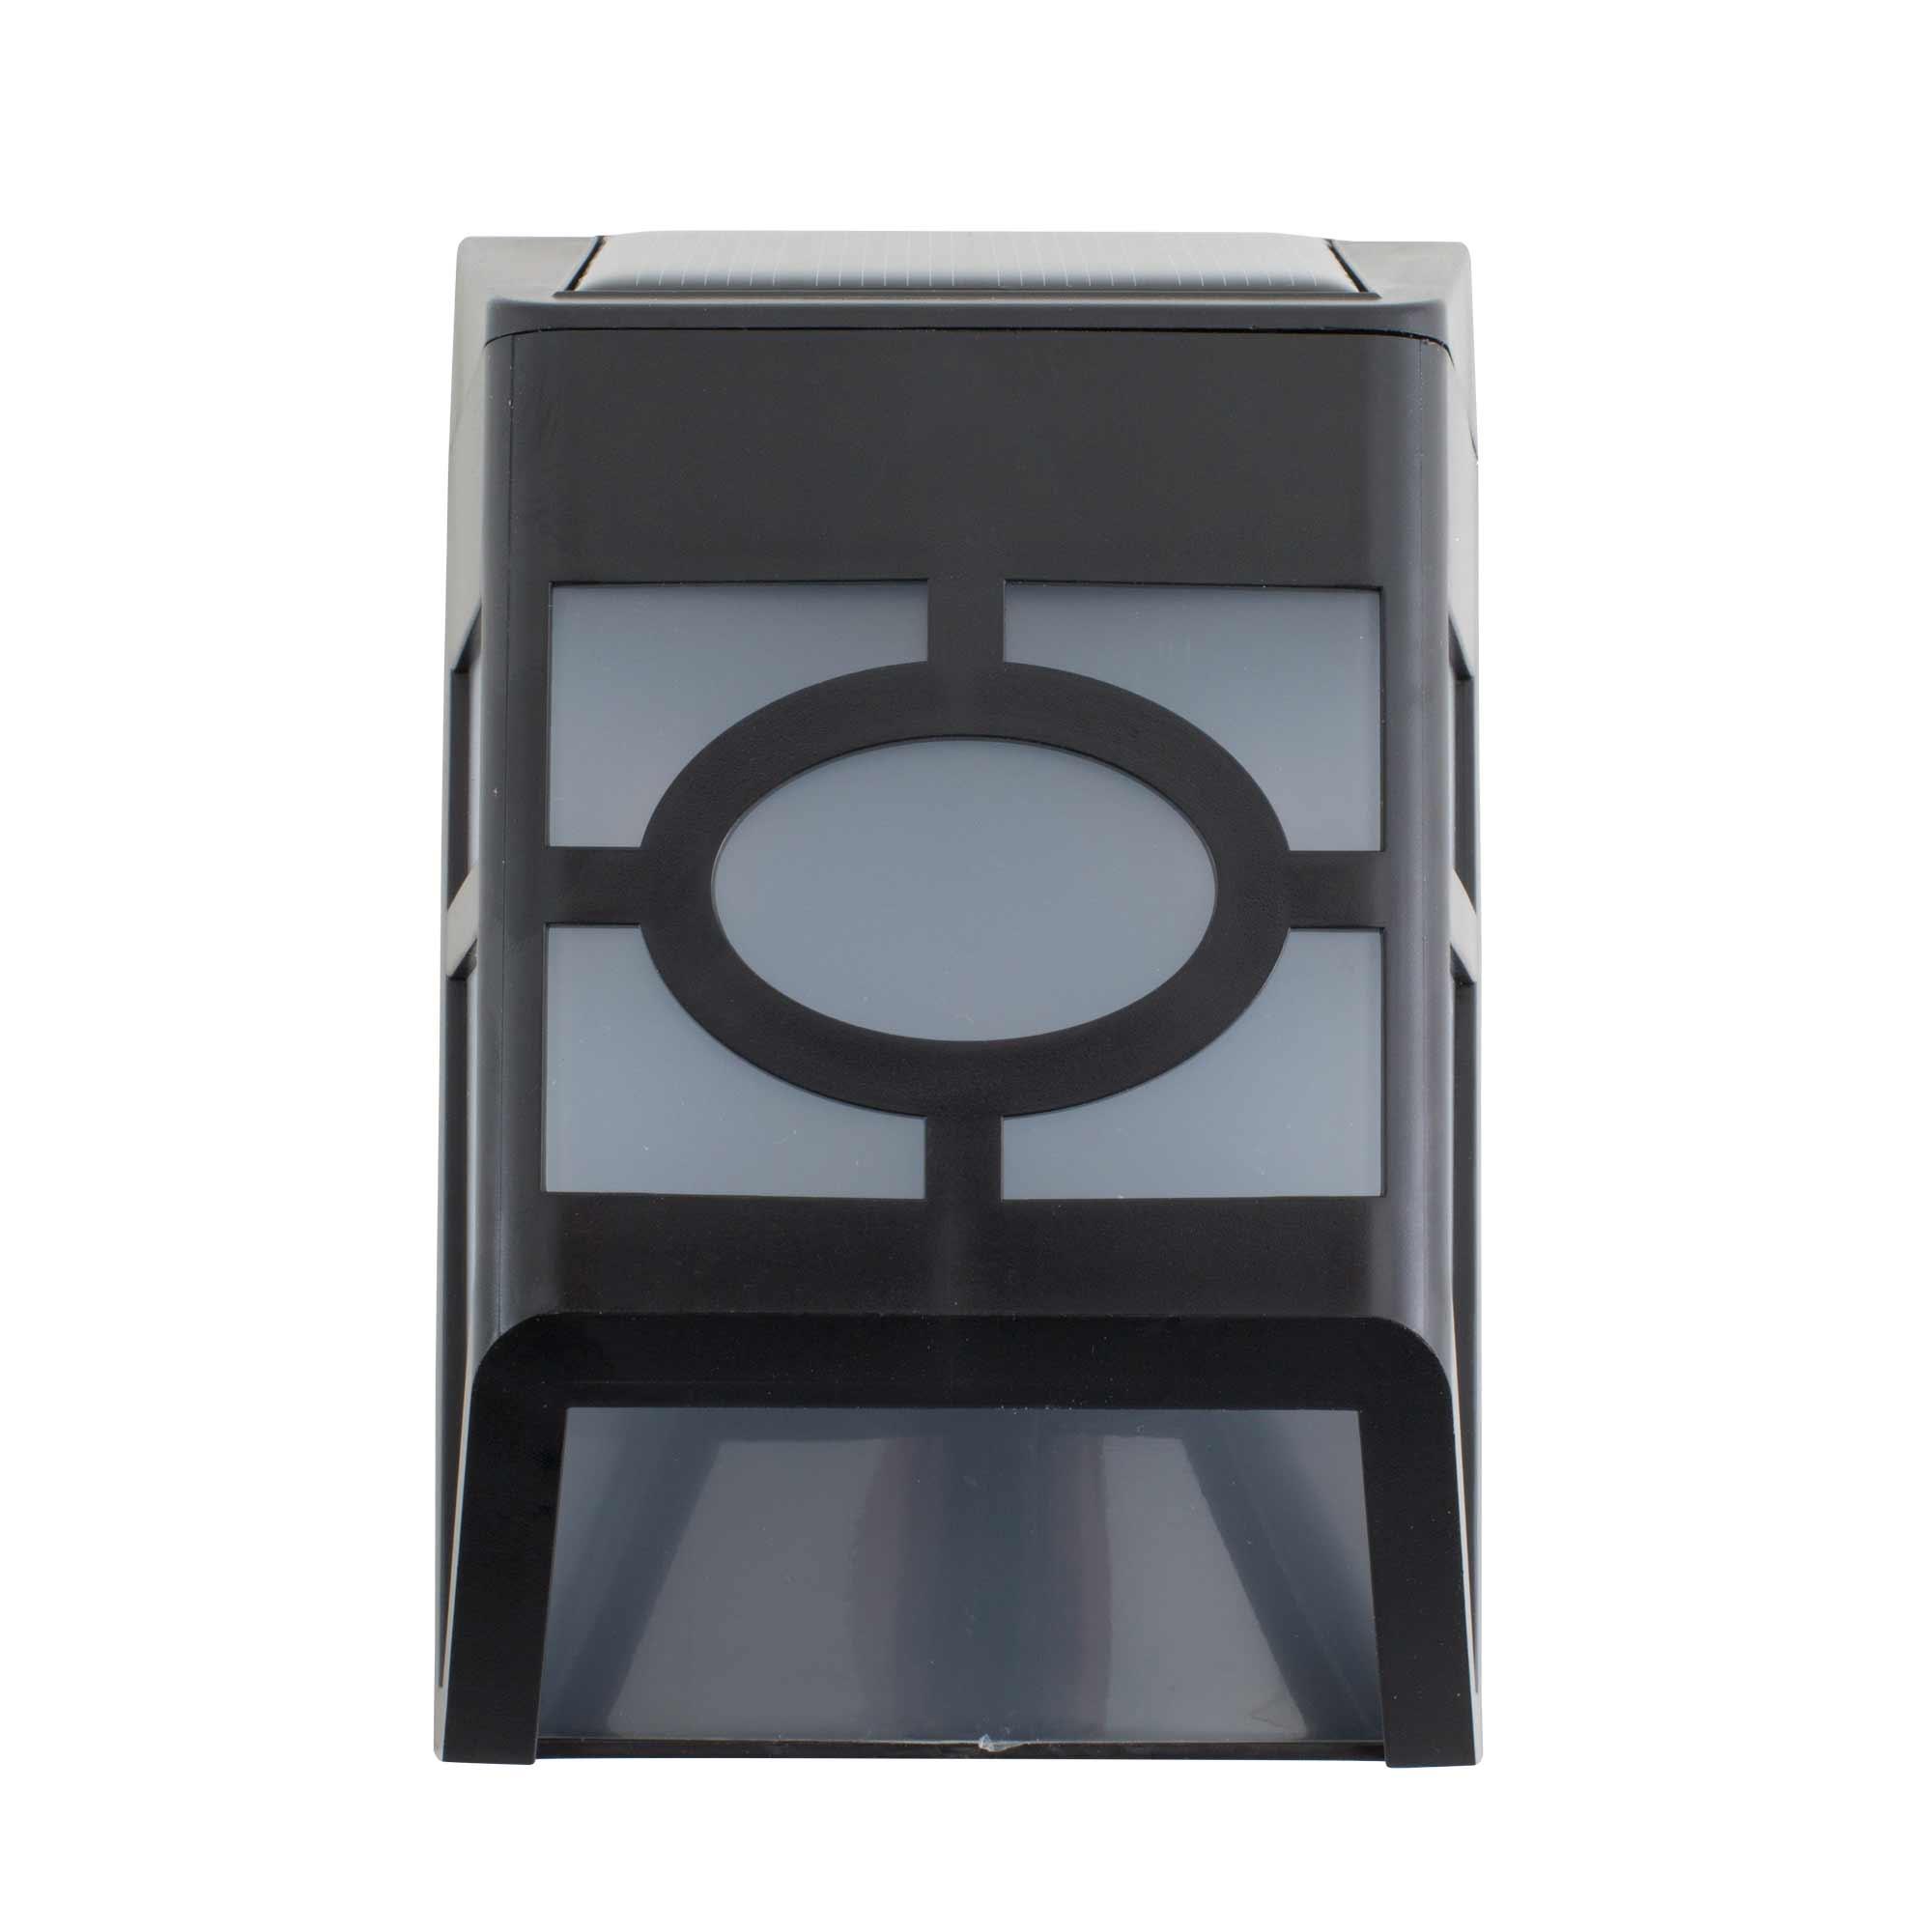 Applique mural led solaire a detecteur de mouvement l500 for Applique murale exterieur avec detecteur de mouvement solaire